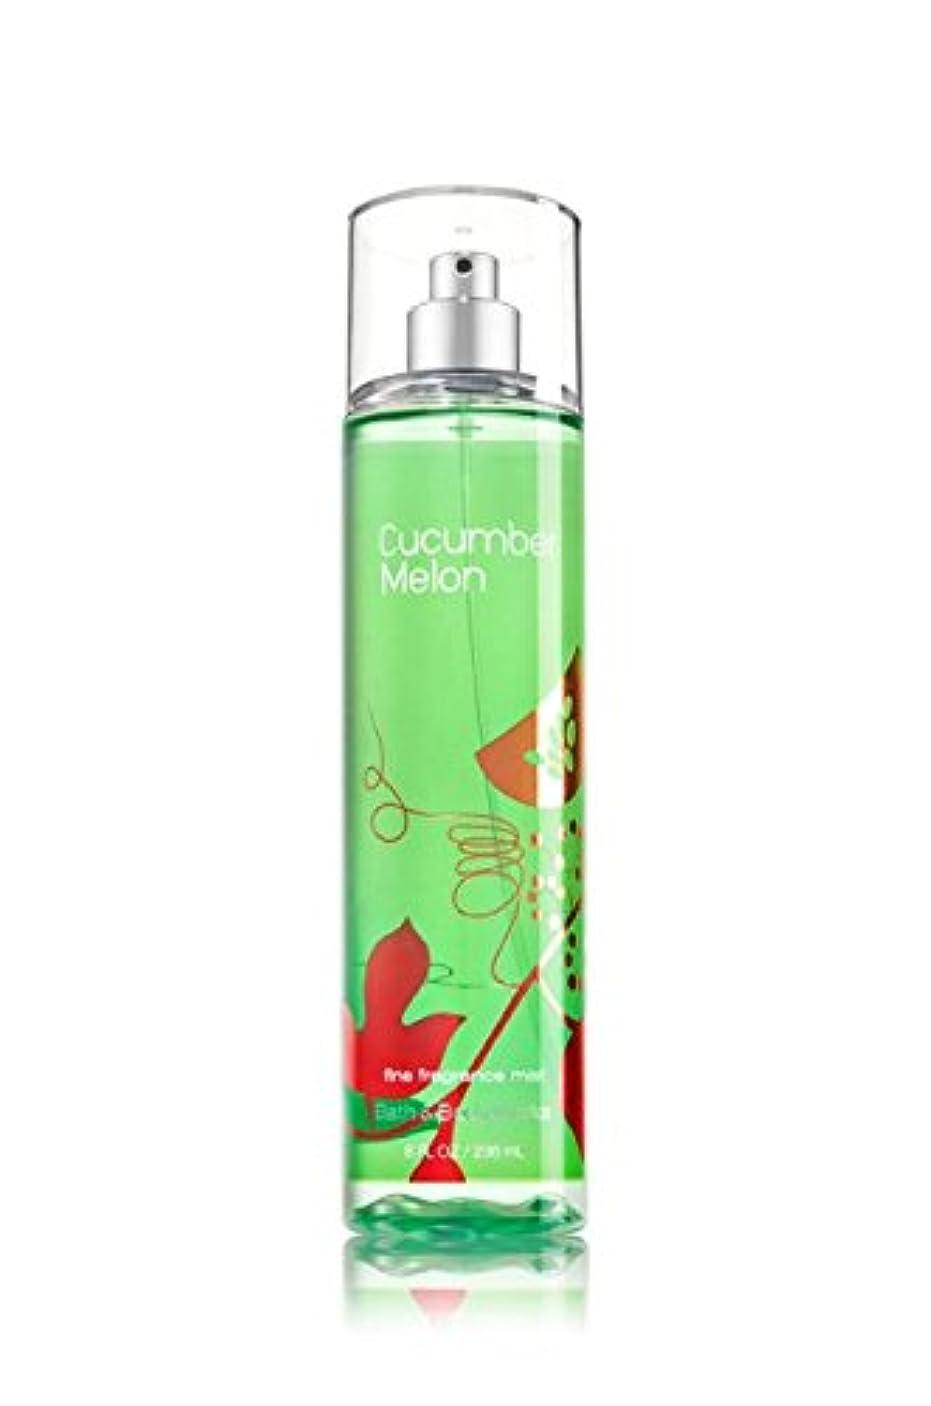 オーナー化合物アナログ【Bath&Body Works/バス&ボディワークス】 ファインフレグランスミスト キューカンバーメロン Fine Fragrance Mist Cucumber Melon 8oz (236ml) [並行輸入品]